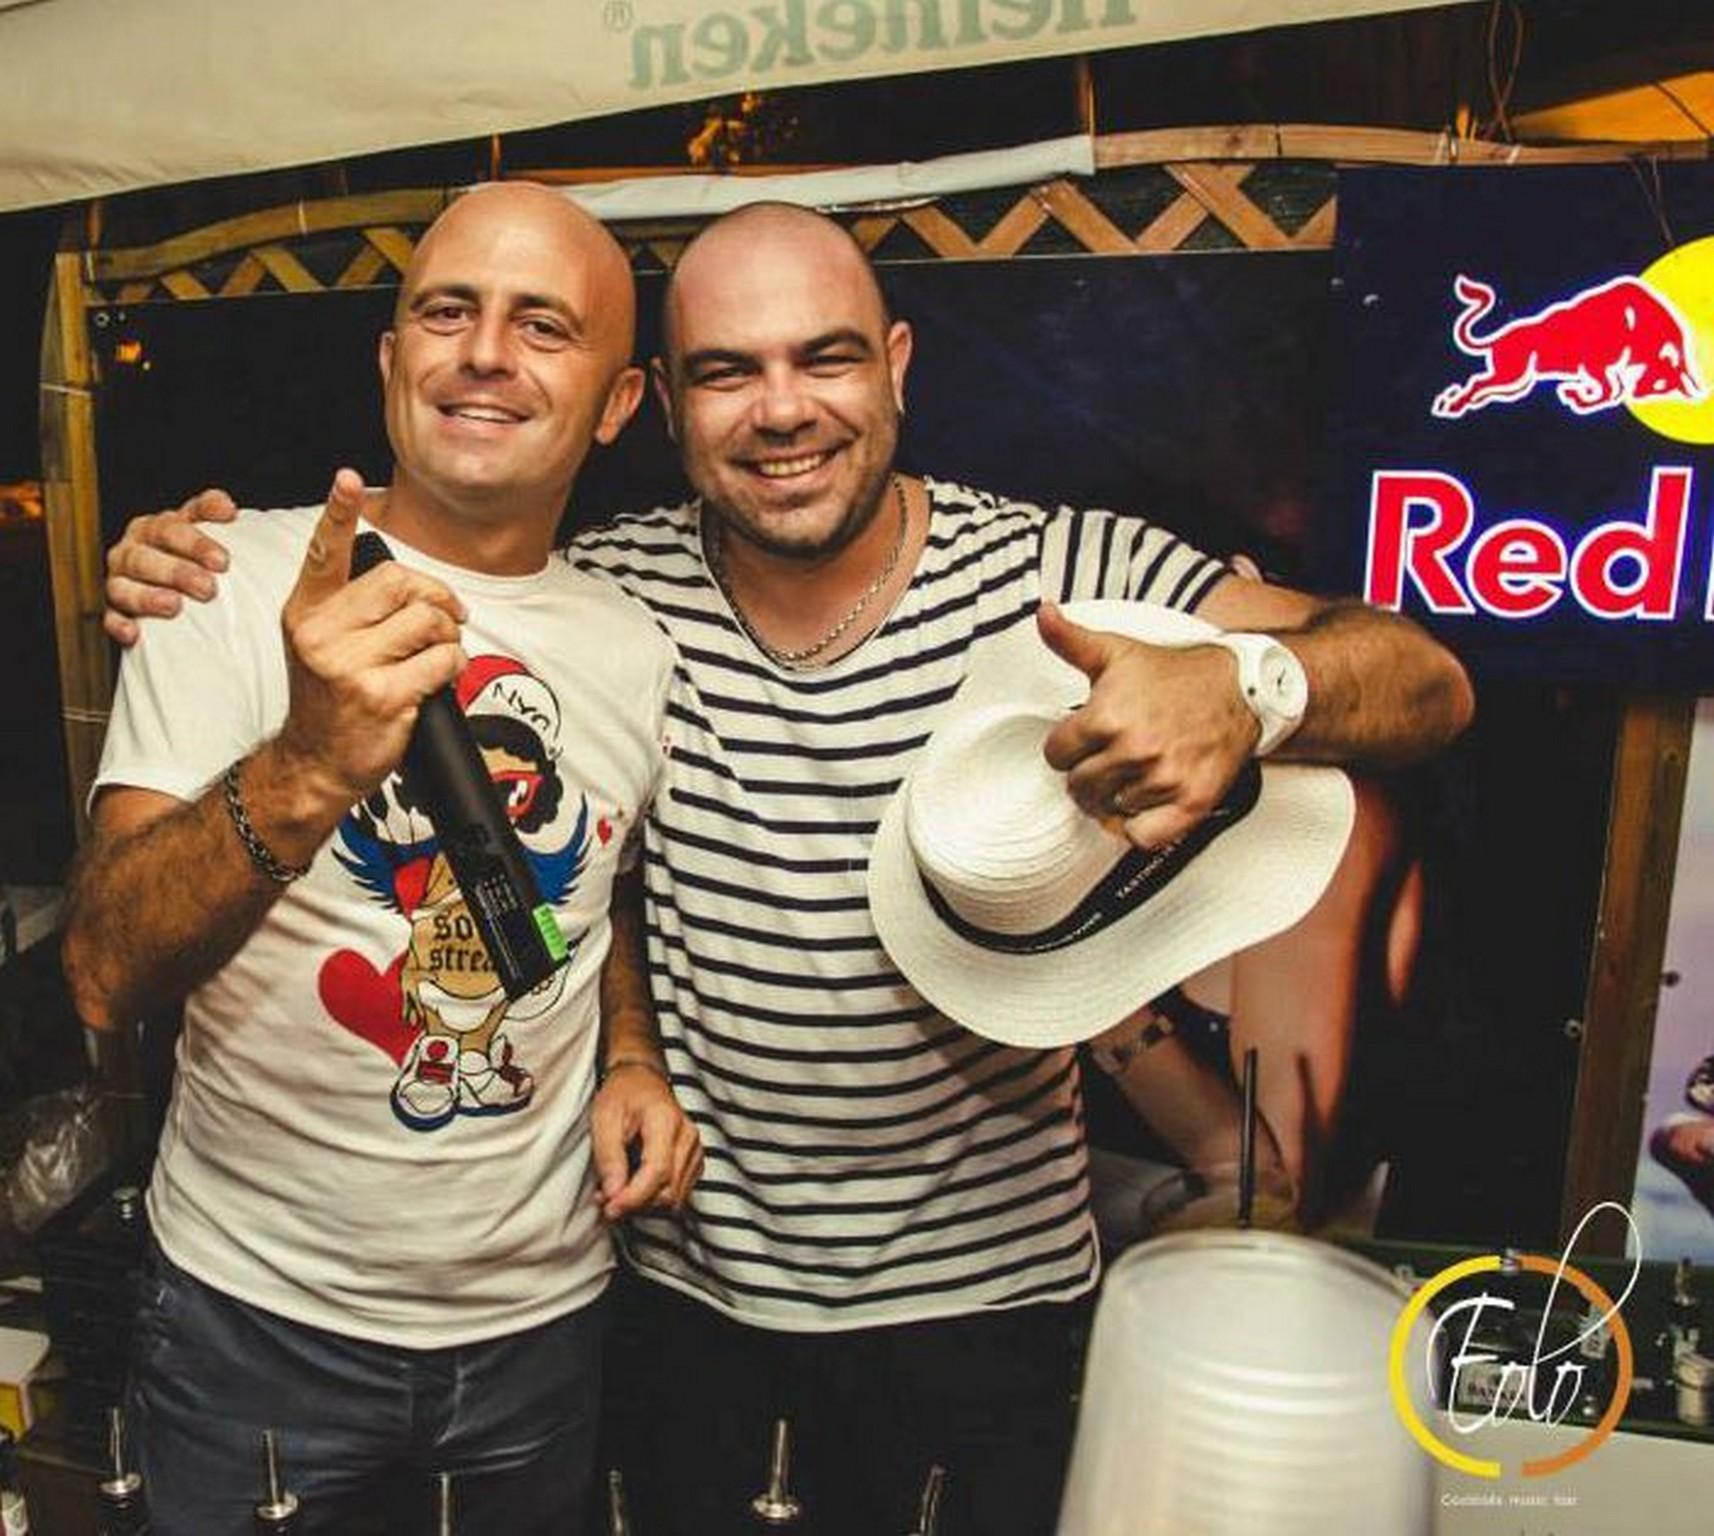 fabio_camboni_Gaeta_Drink_Positive_consulenze__apertura_locali_corsi_barman_133